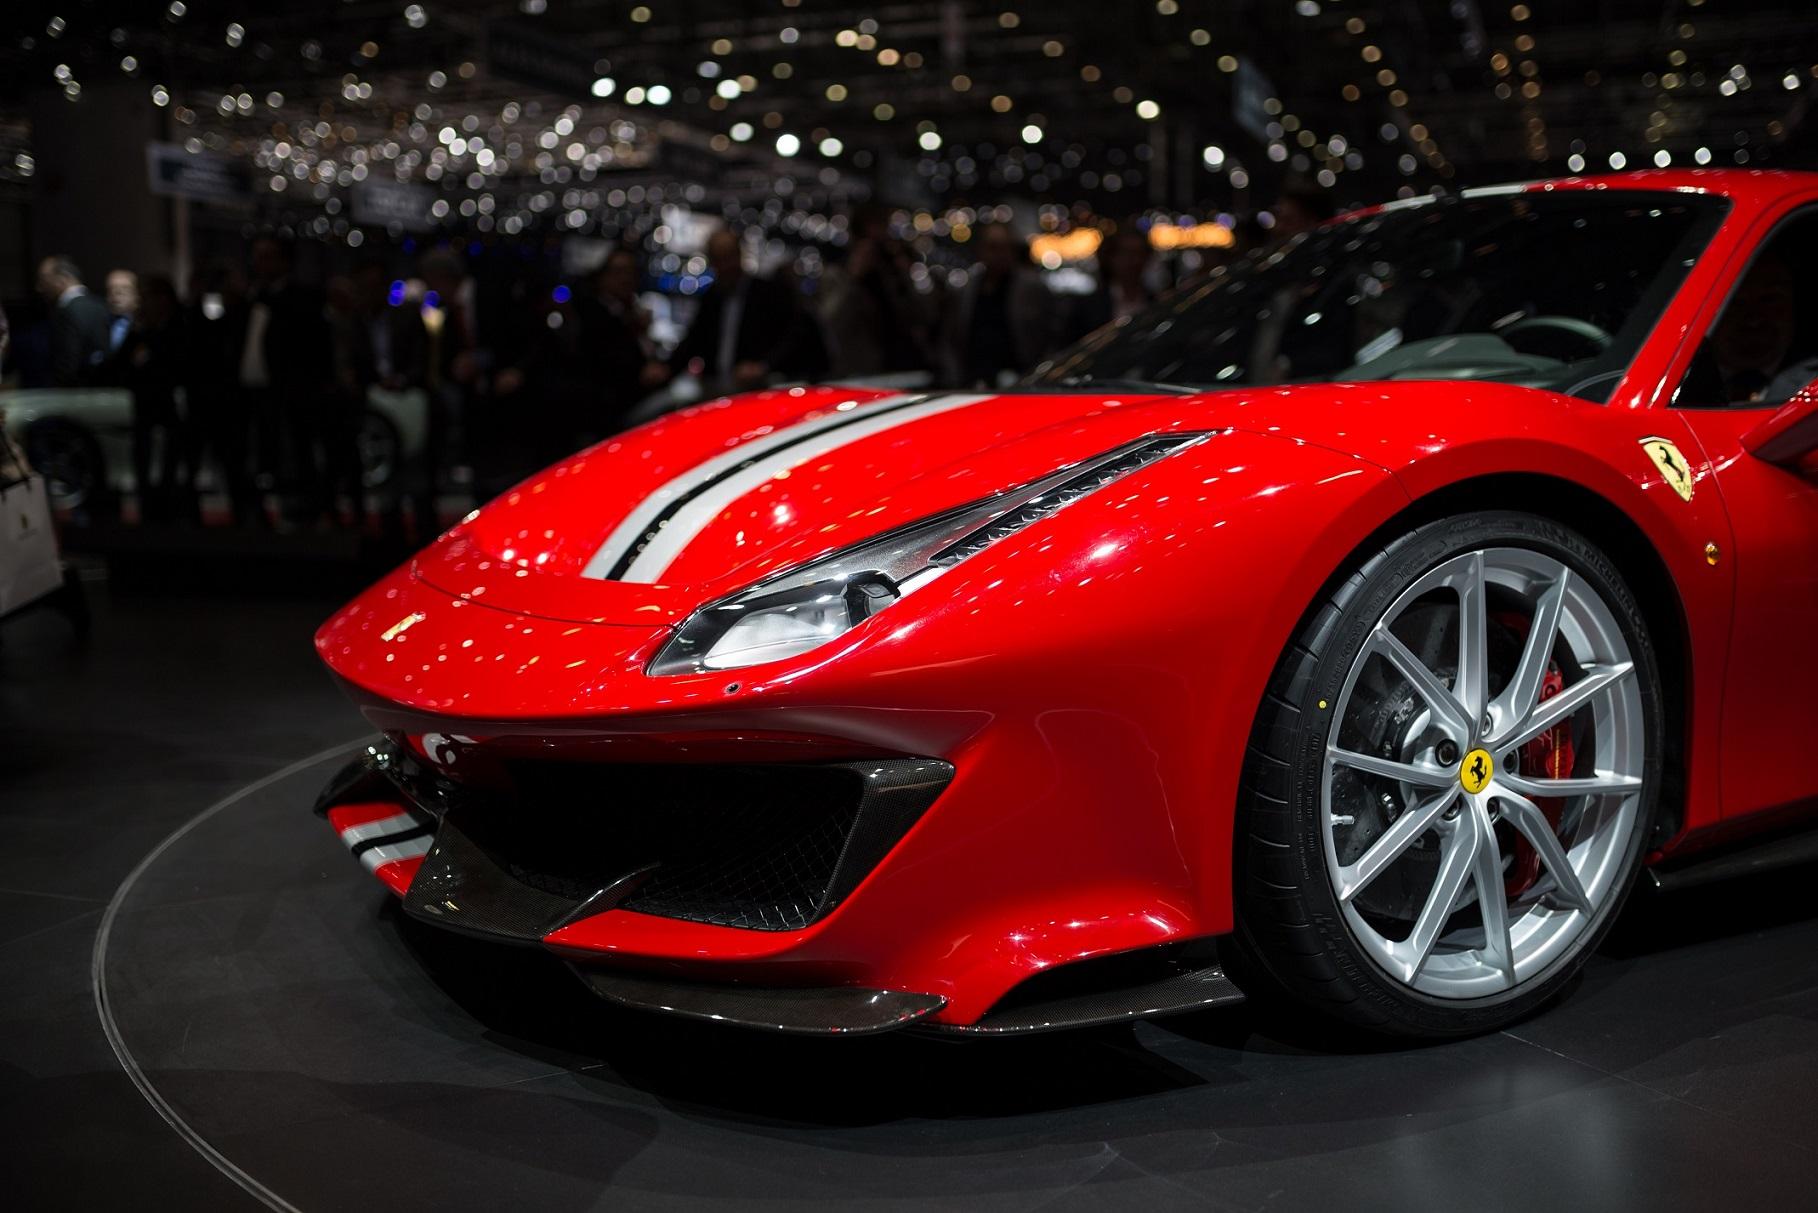 Ferrari 488 Pista na oponach Michelin Pilot Sport Cup 2